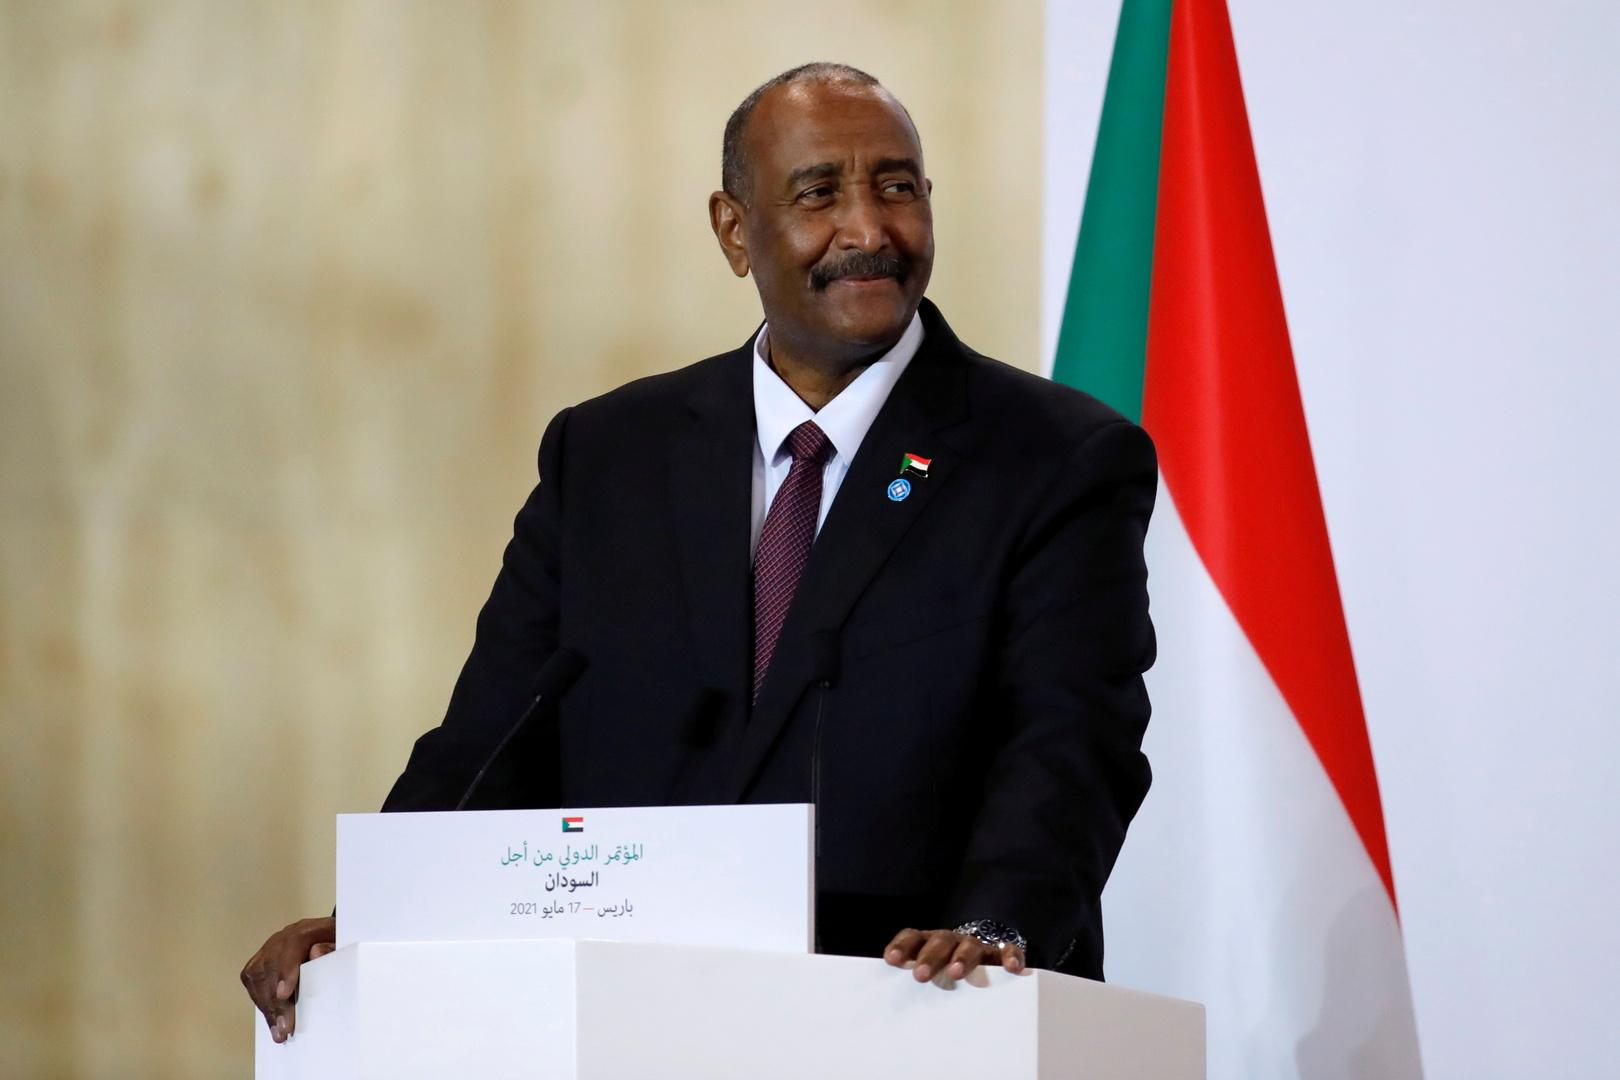 رئيس مجلس السيادة الانتقالي في السودان، عبد الفتاح البرهان